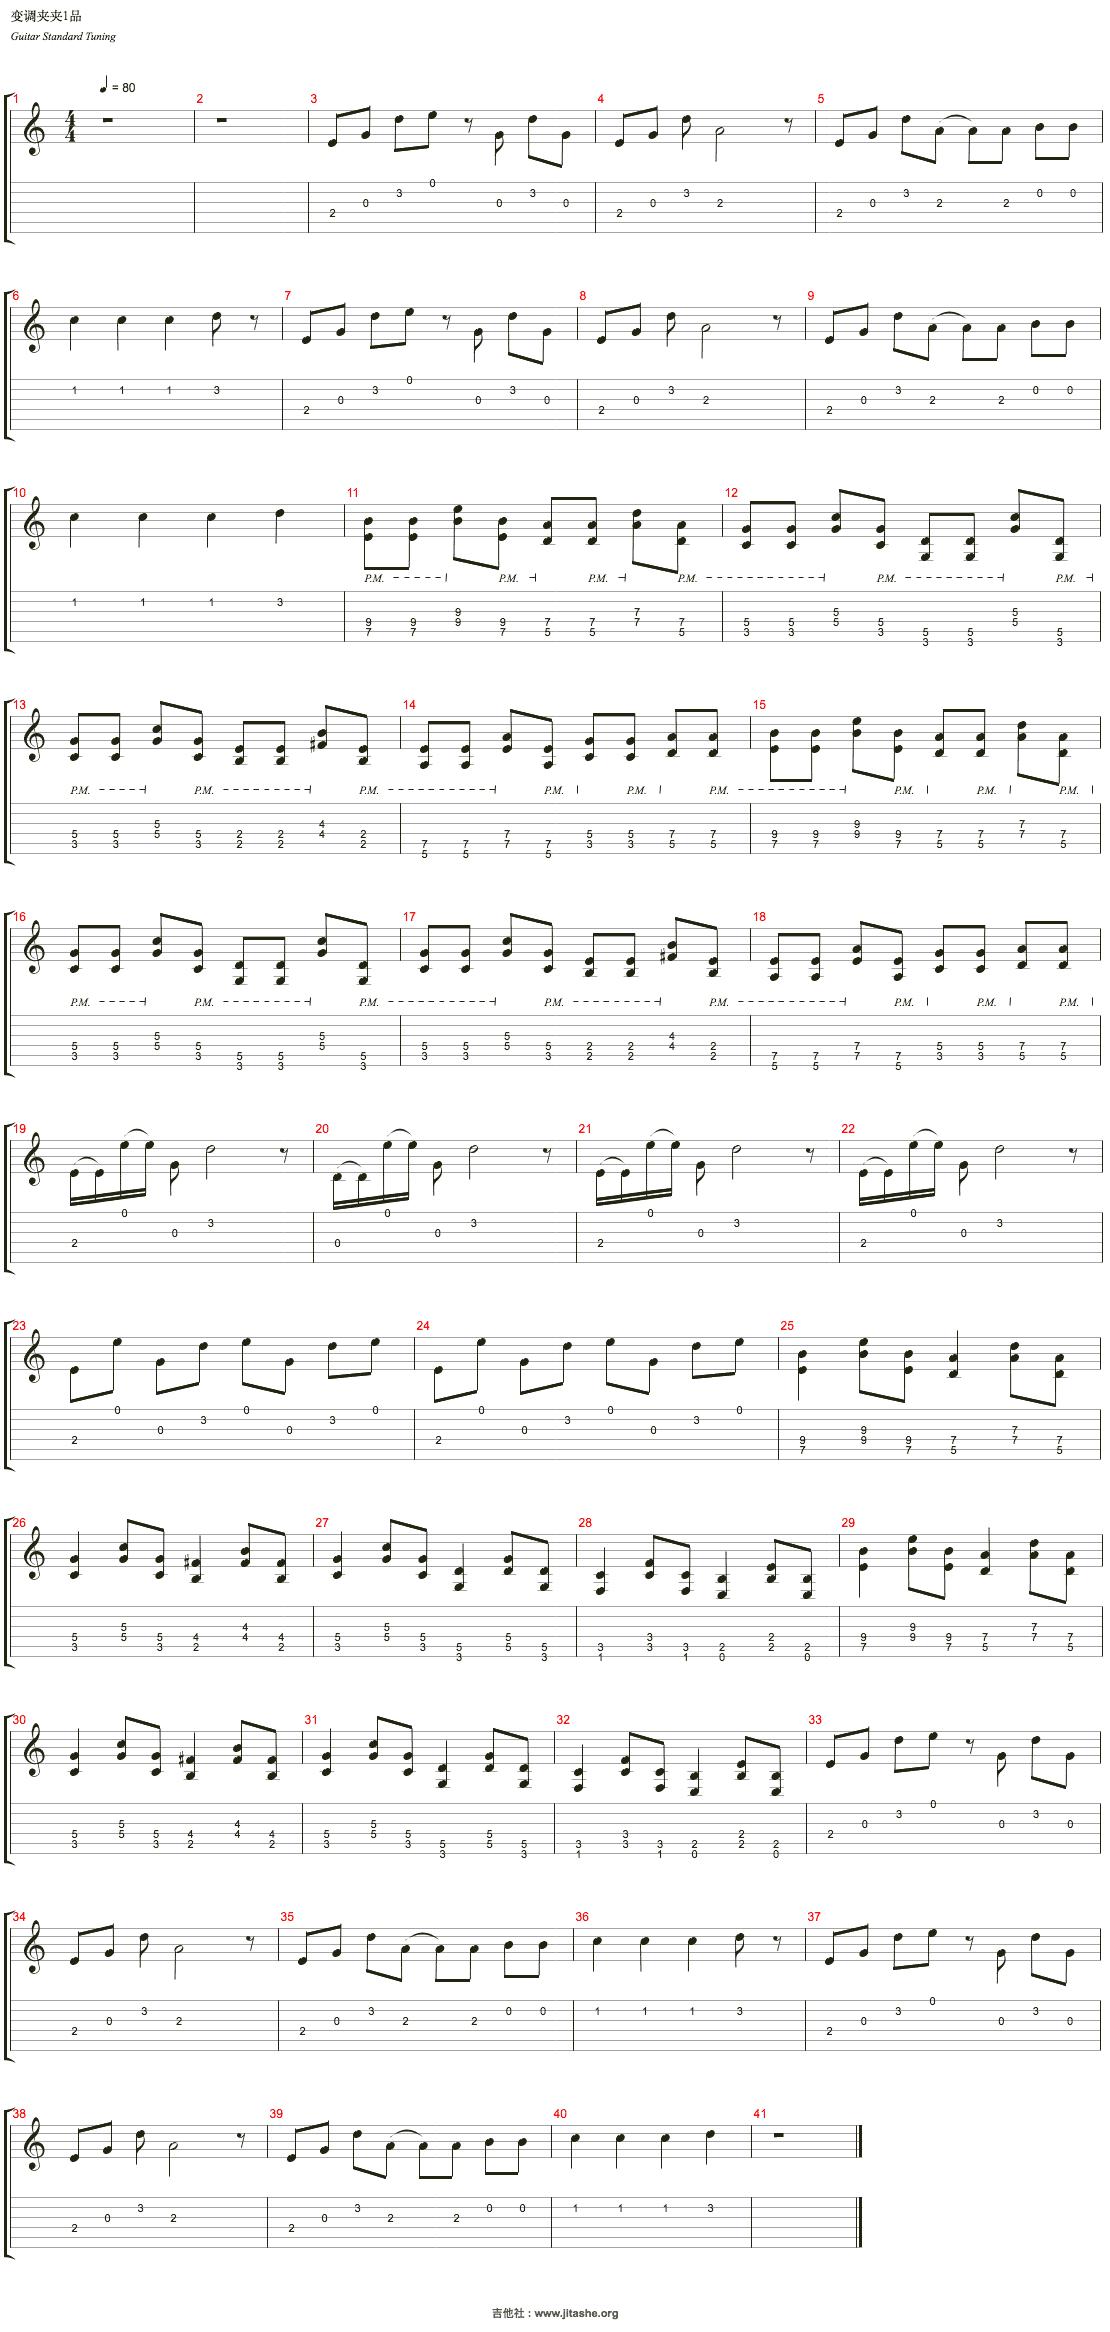 愛し子よ吉他谱(Track 1)_ルルティア